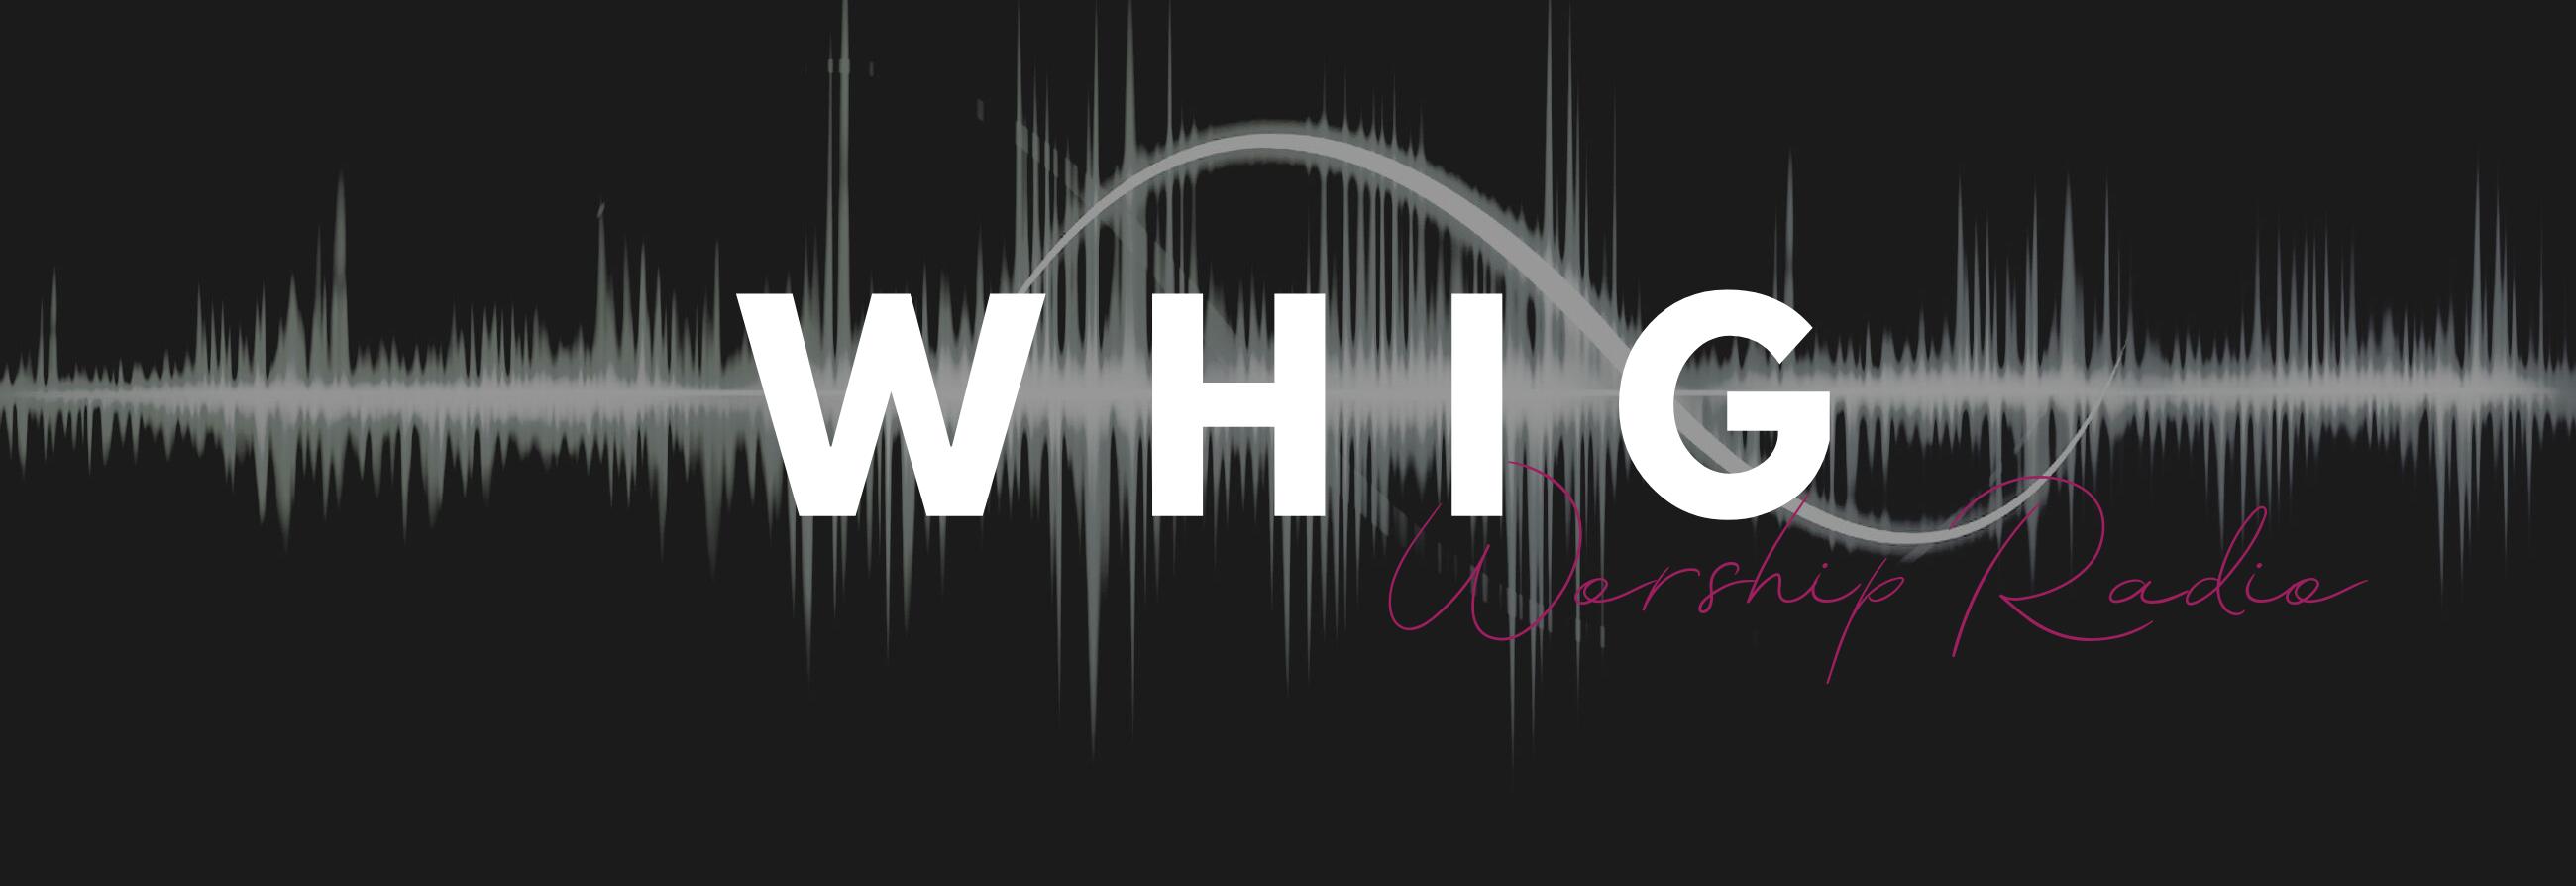 WHIG Worship Radio Banner